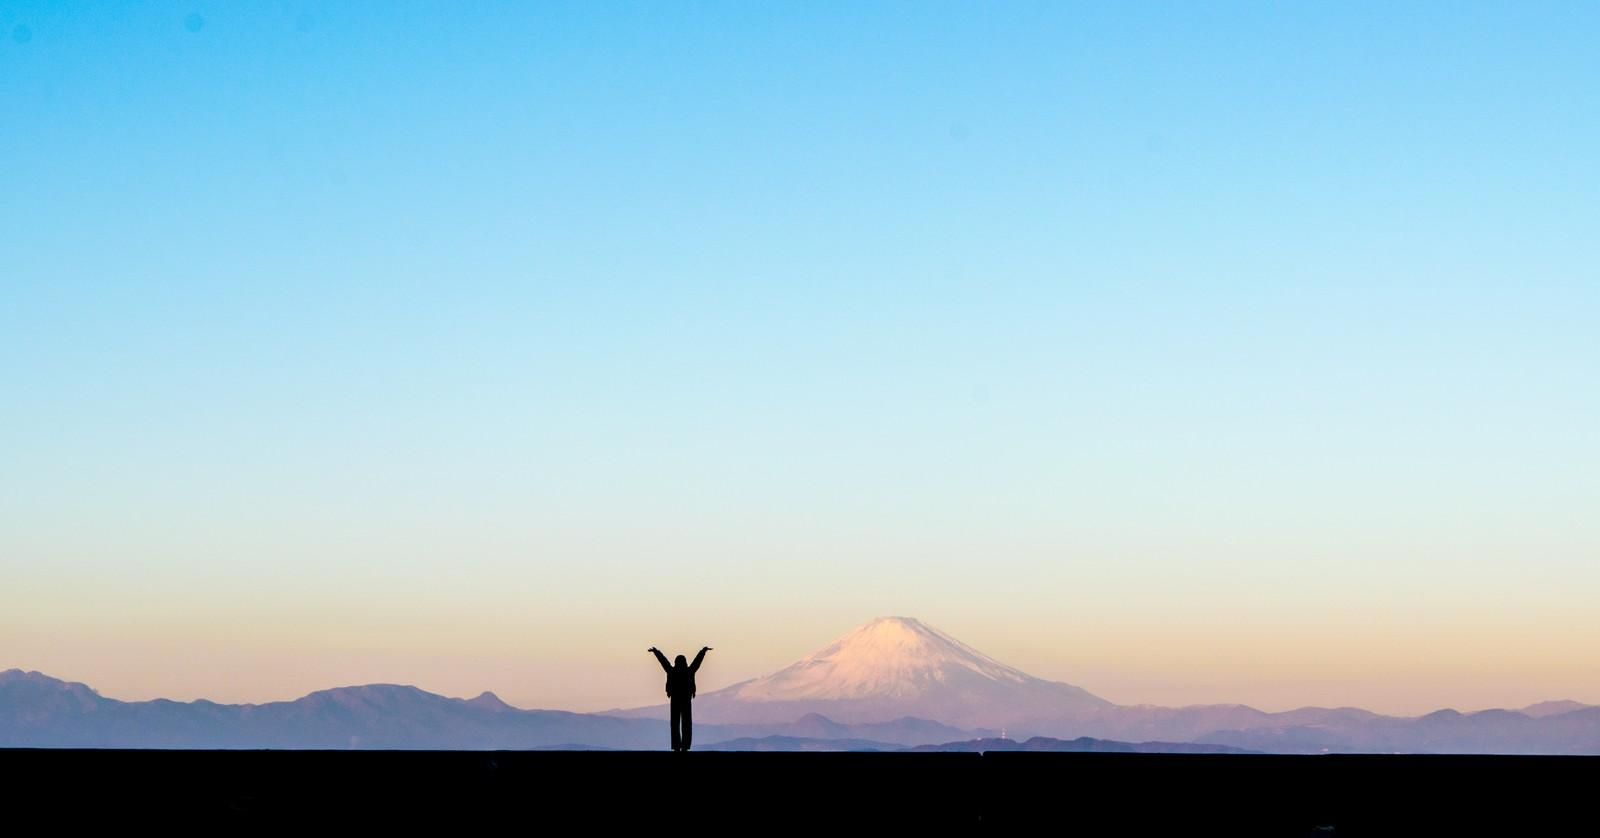 富士山をバックに万歳!ポイントもマイルもがっつり貯まったから、今度旅行へ行くんだ!